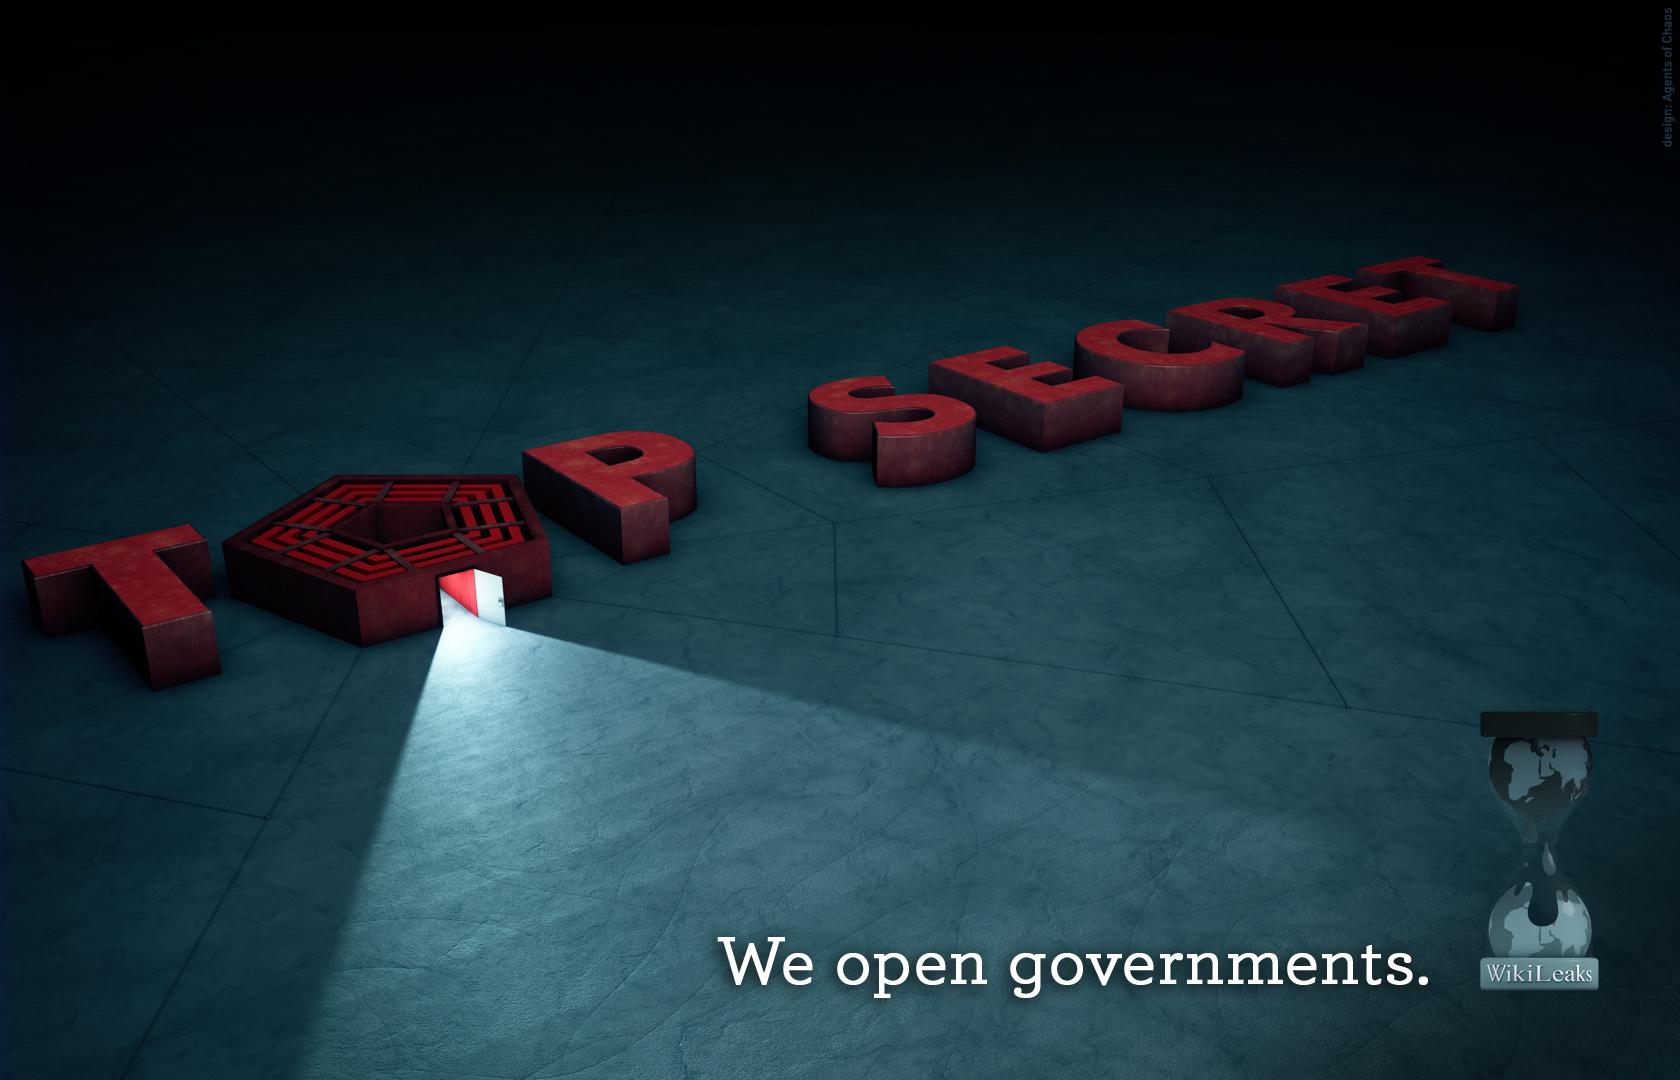 ¿Cuál sería la reacción judicial ante un Wikileaks español?